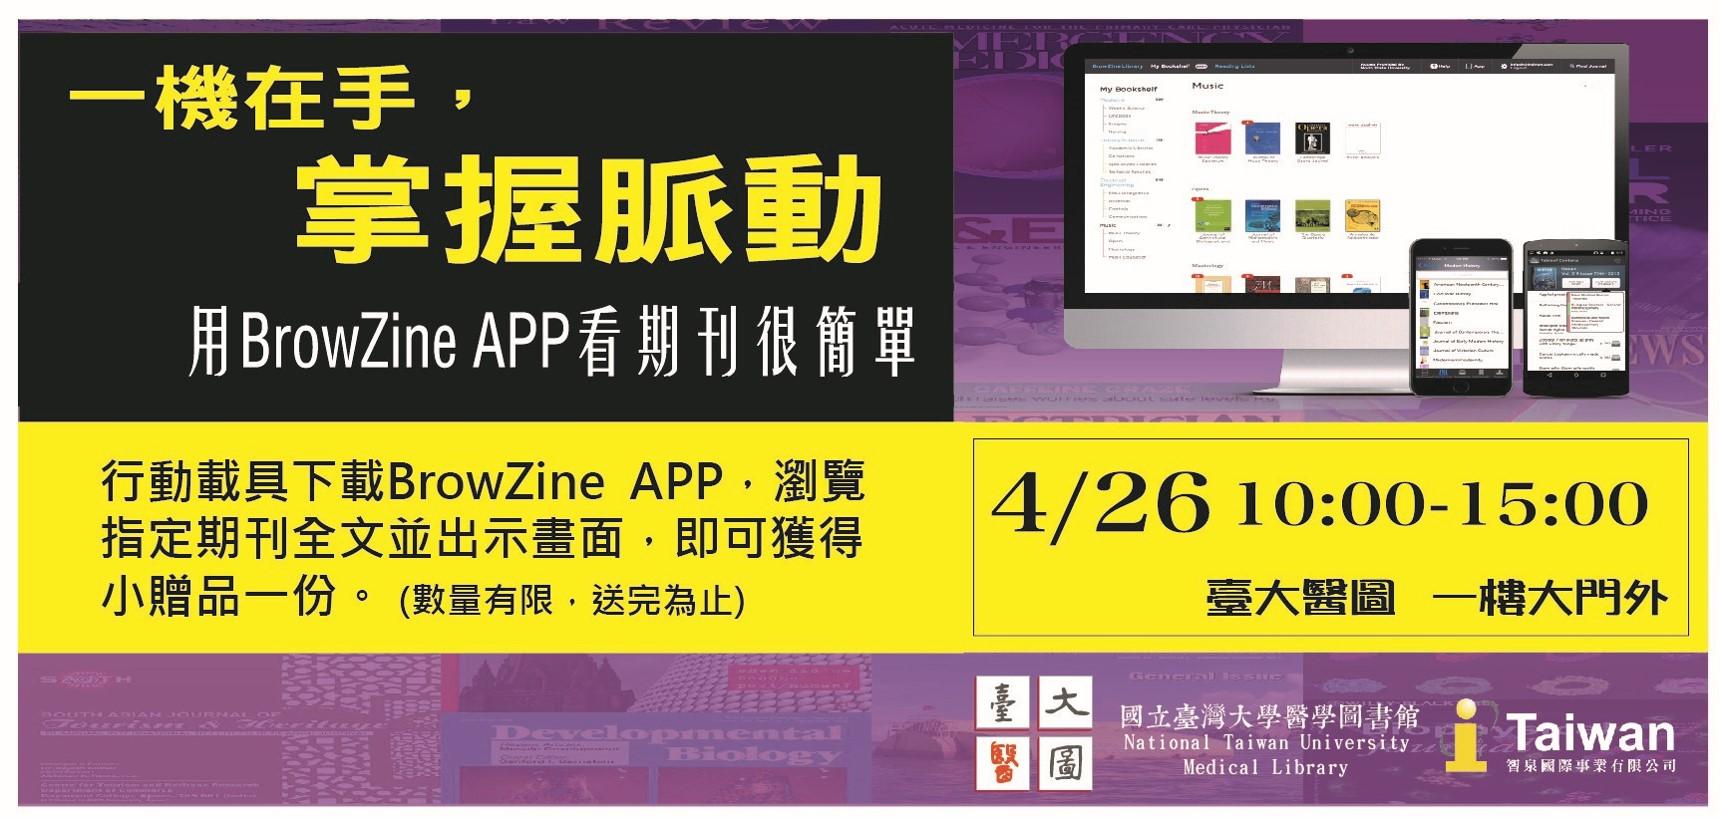 用BrowZine APP看期刊推廣活動